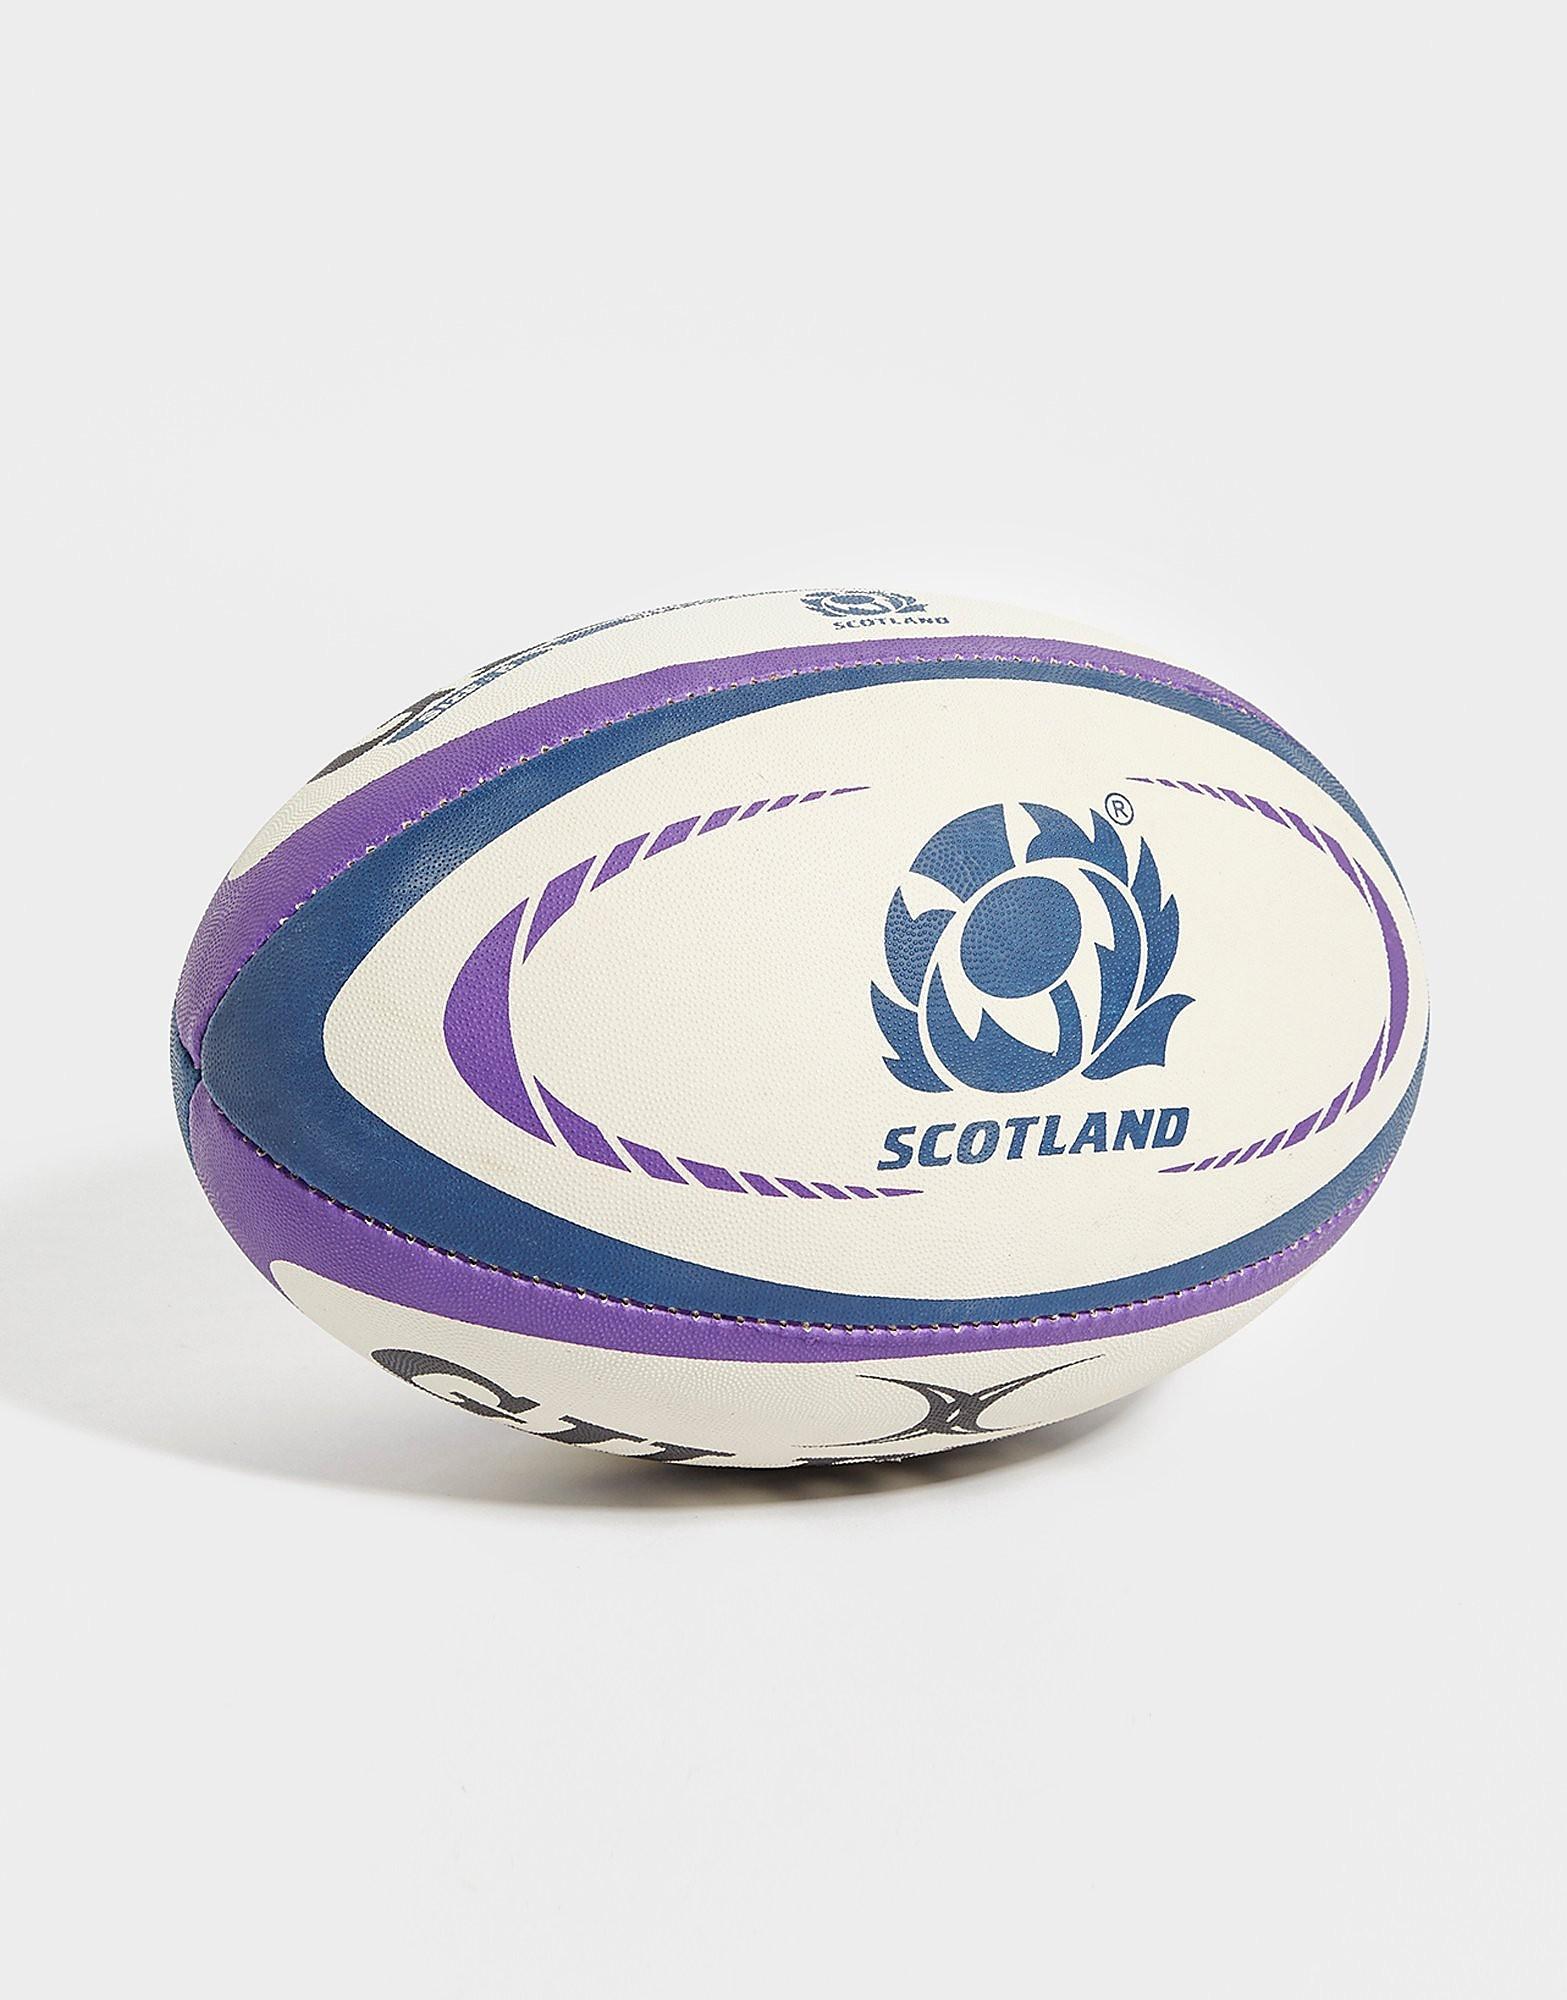 Gilbert Scotland Replica Rugby Balls